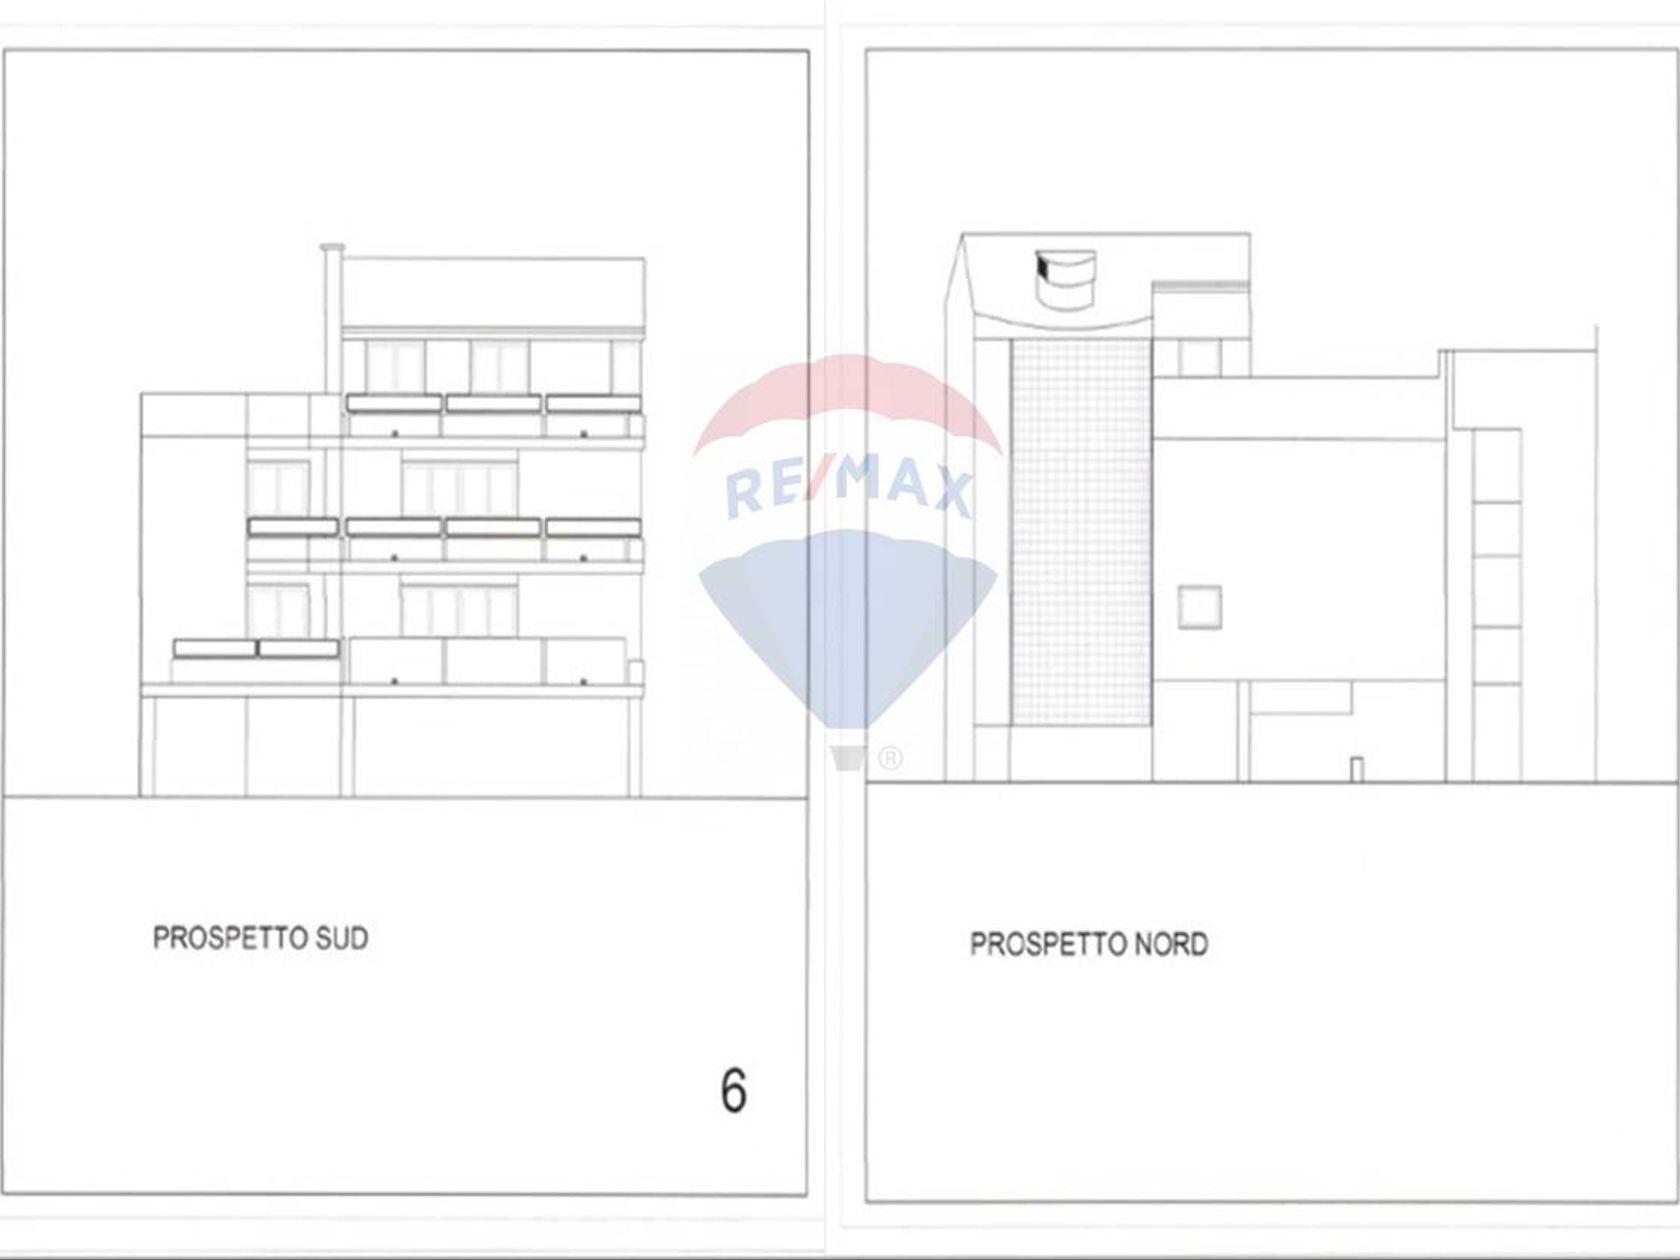 Casa Indipendente Quinzano, Verona, VR Vendita - Planimetria 1